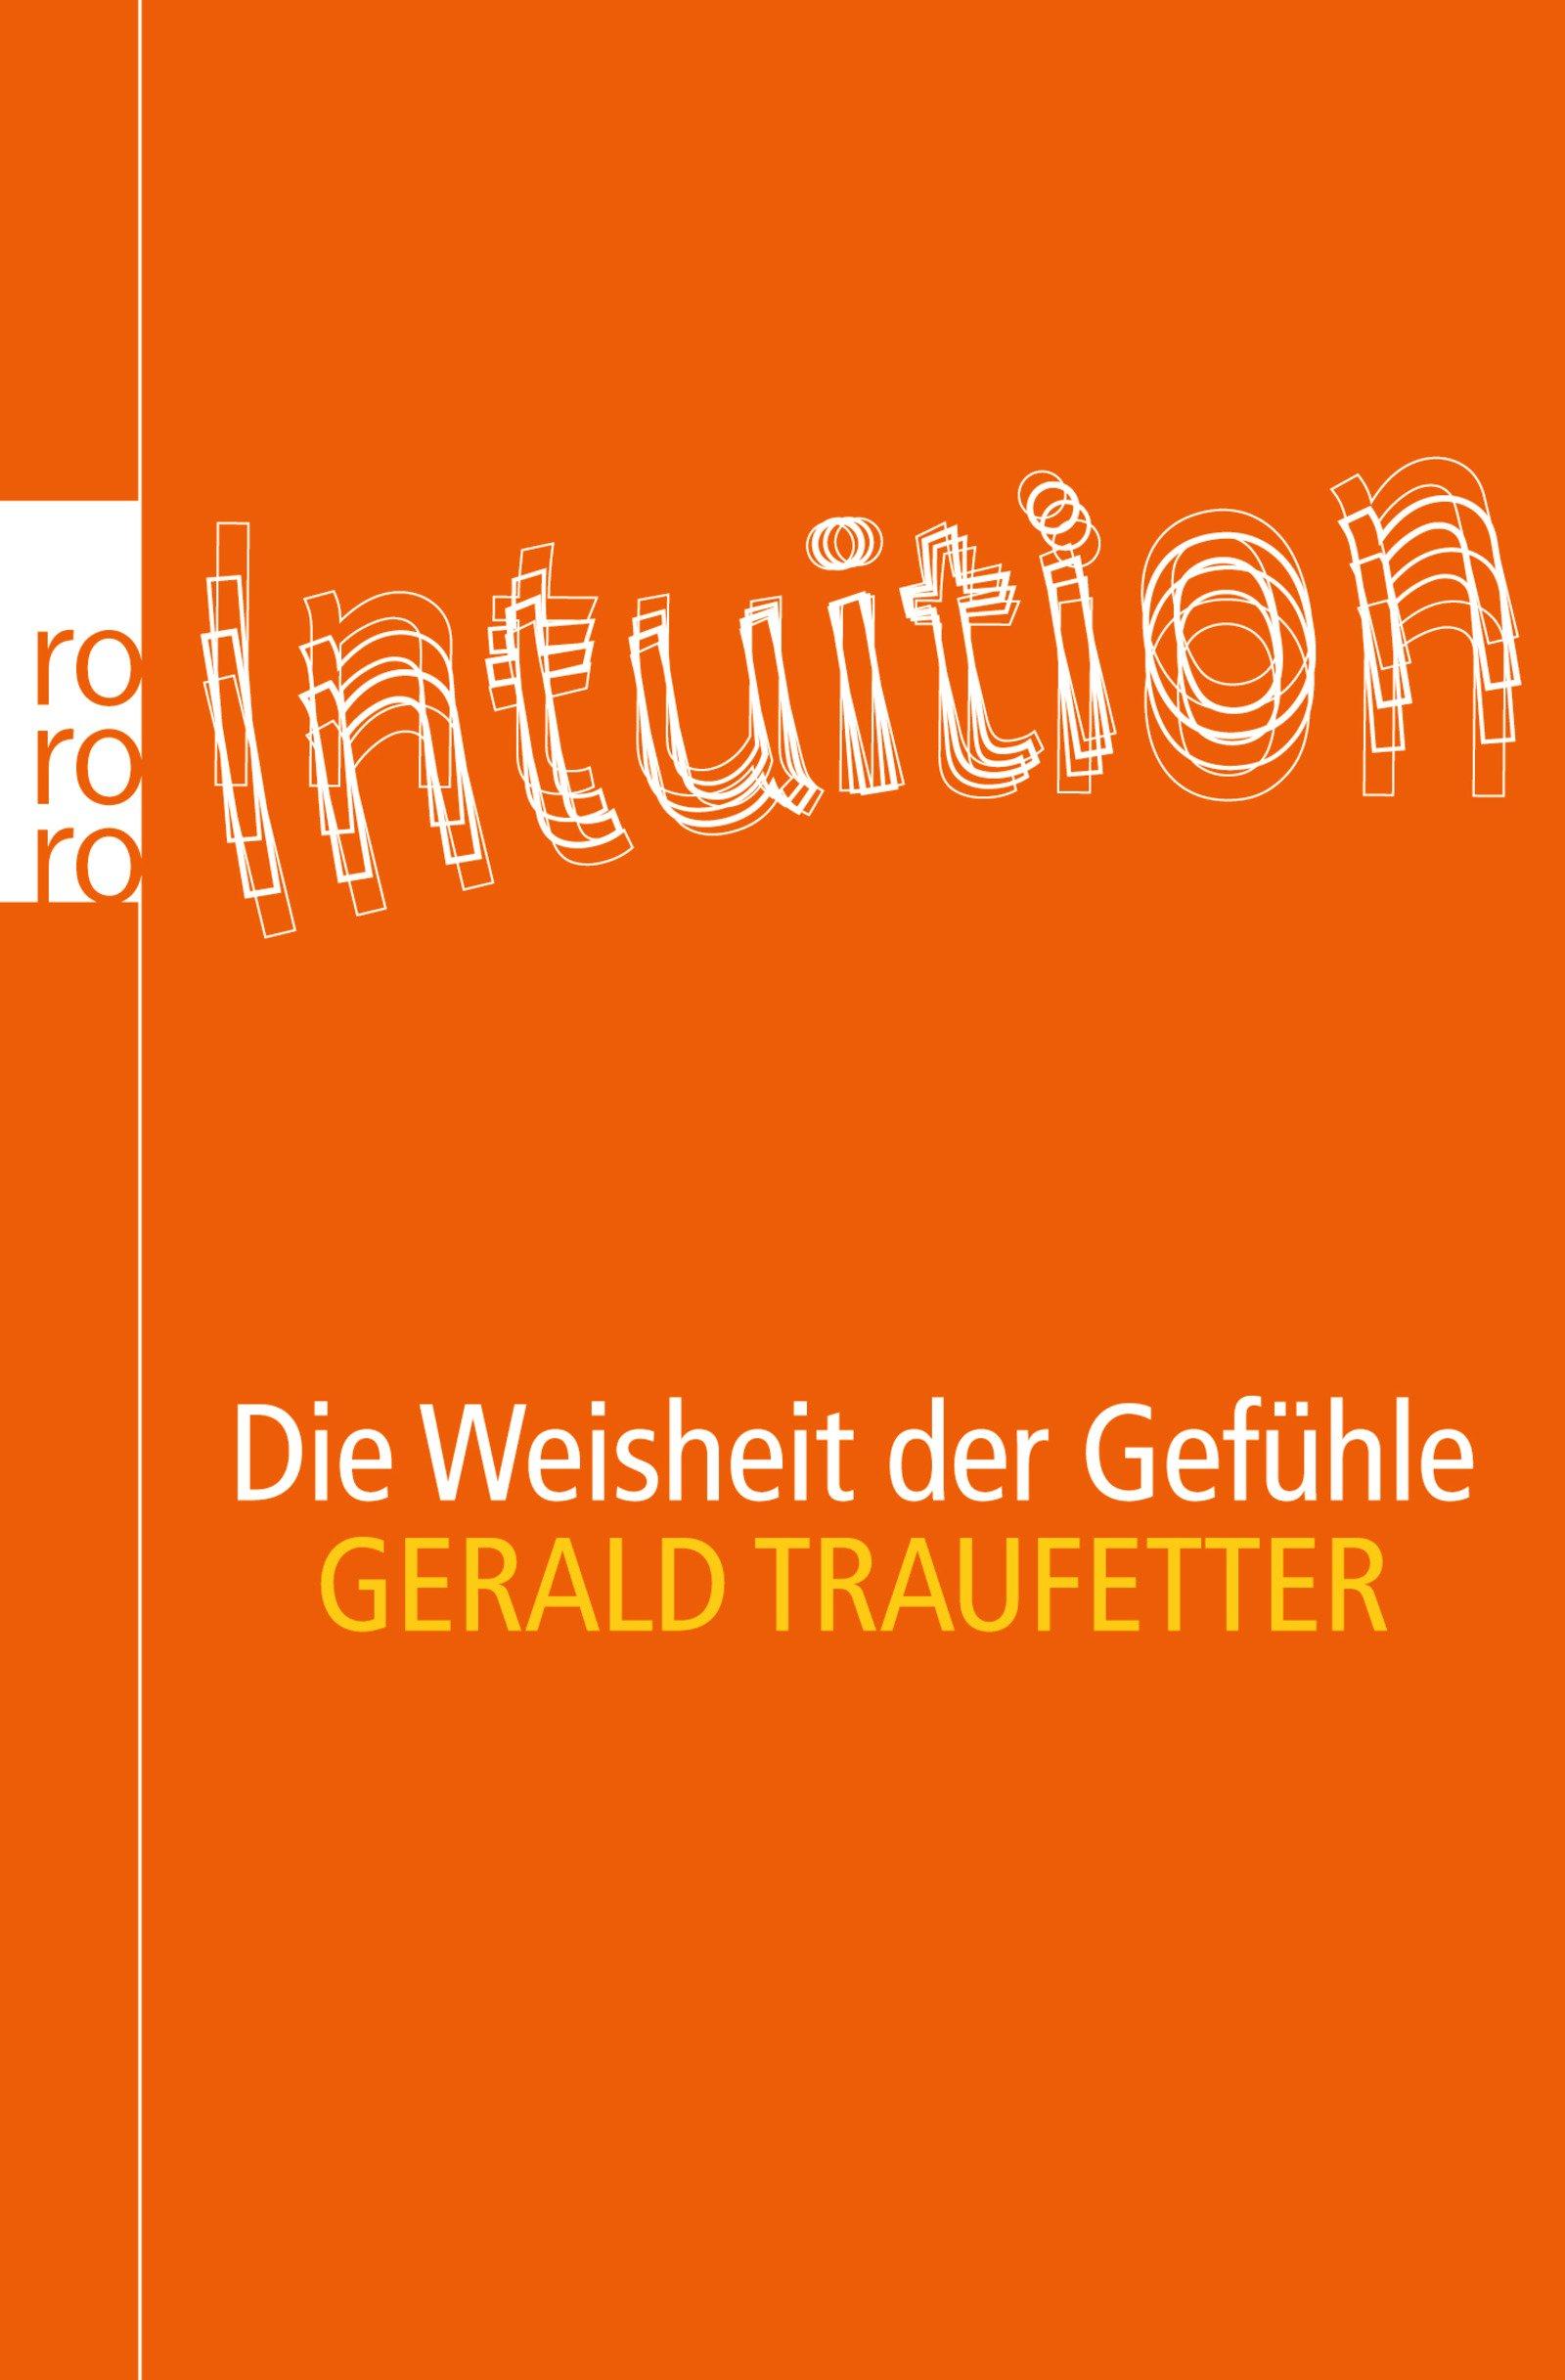 Intuition: Die Weisheit der Gefühle